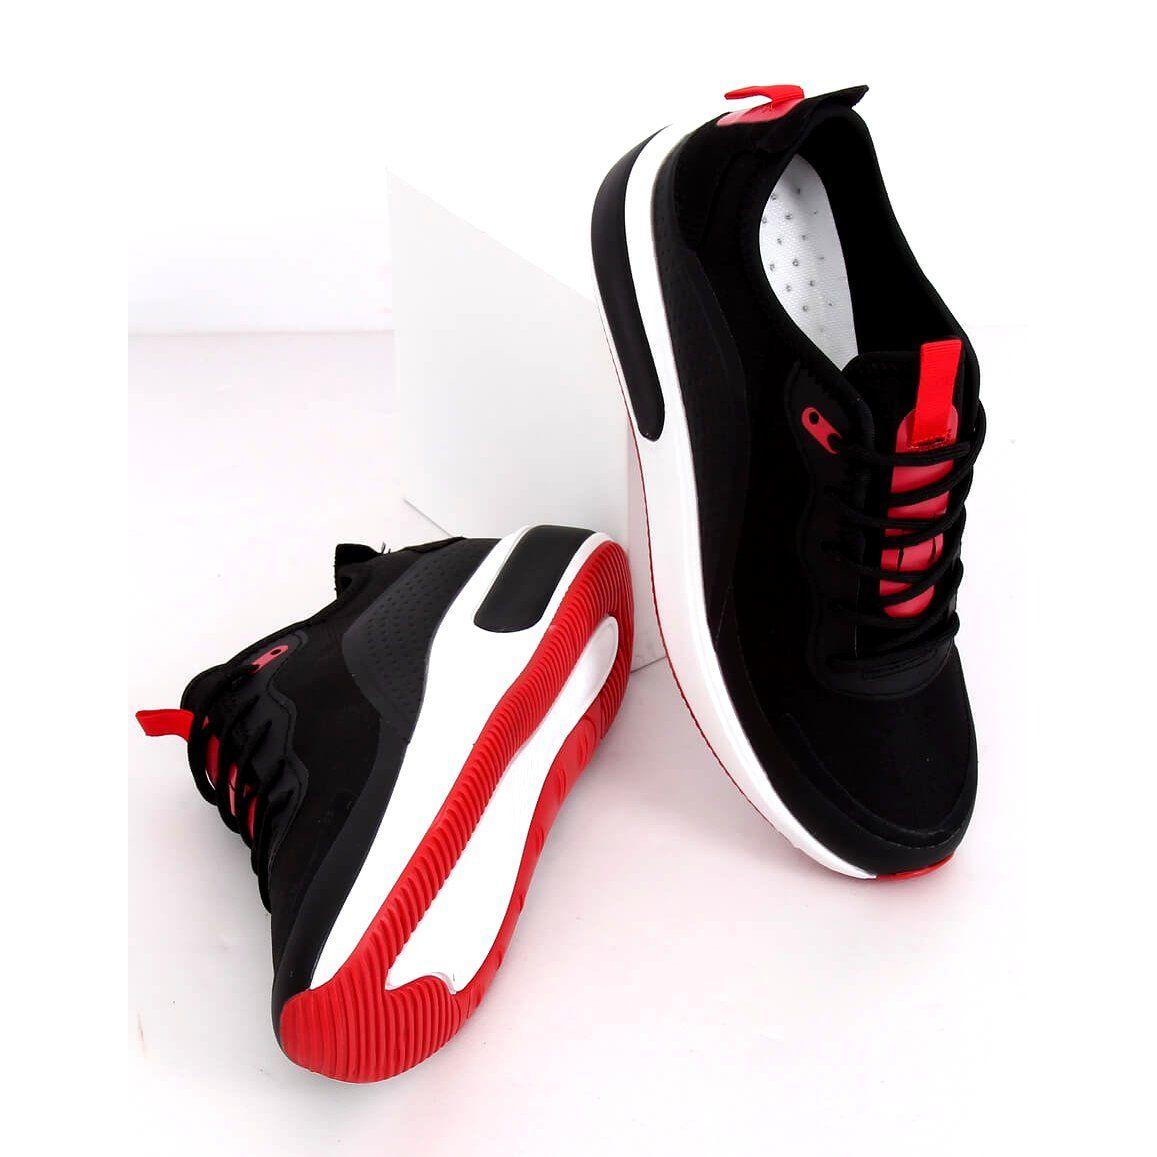 Buty Sportowe Damskie Czarne Yk106 Black In 2020 Sneakers Puma Sneaker Vans Old Skool Sneaker